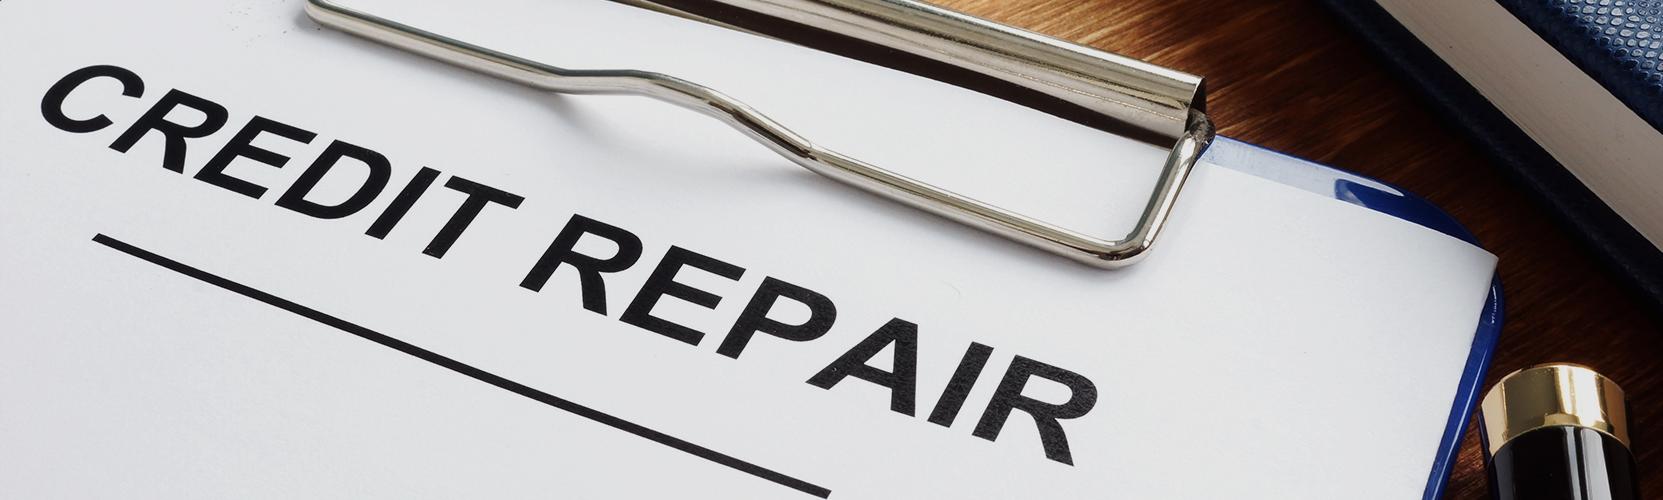 Credit Repair Help LA Tax Advisor